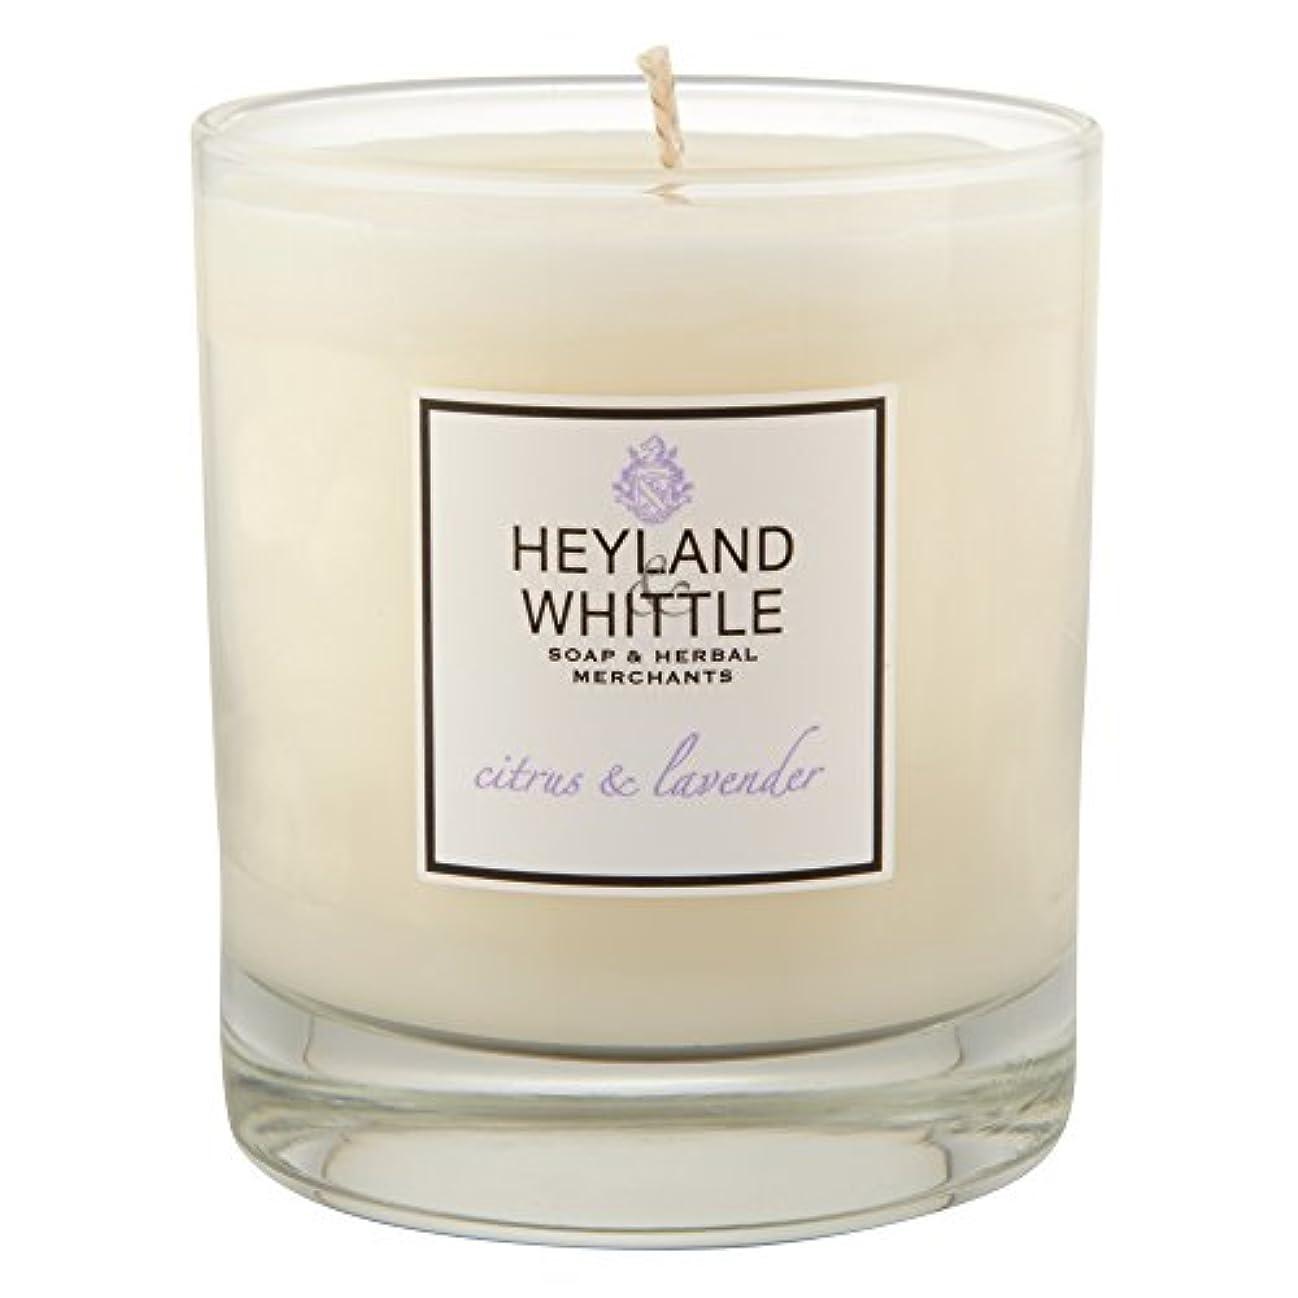 ペルソナ主に枯れるHeyland & Whittle Citrus and Lavender Candle (Pack of 2) - Heyland&削るシトラスとラベンダーキャンドル (Heyland & Whittle) (x2)...